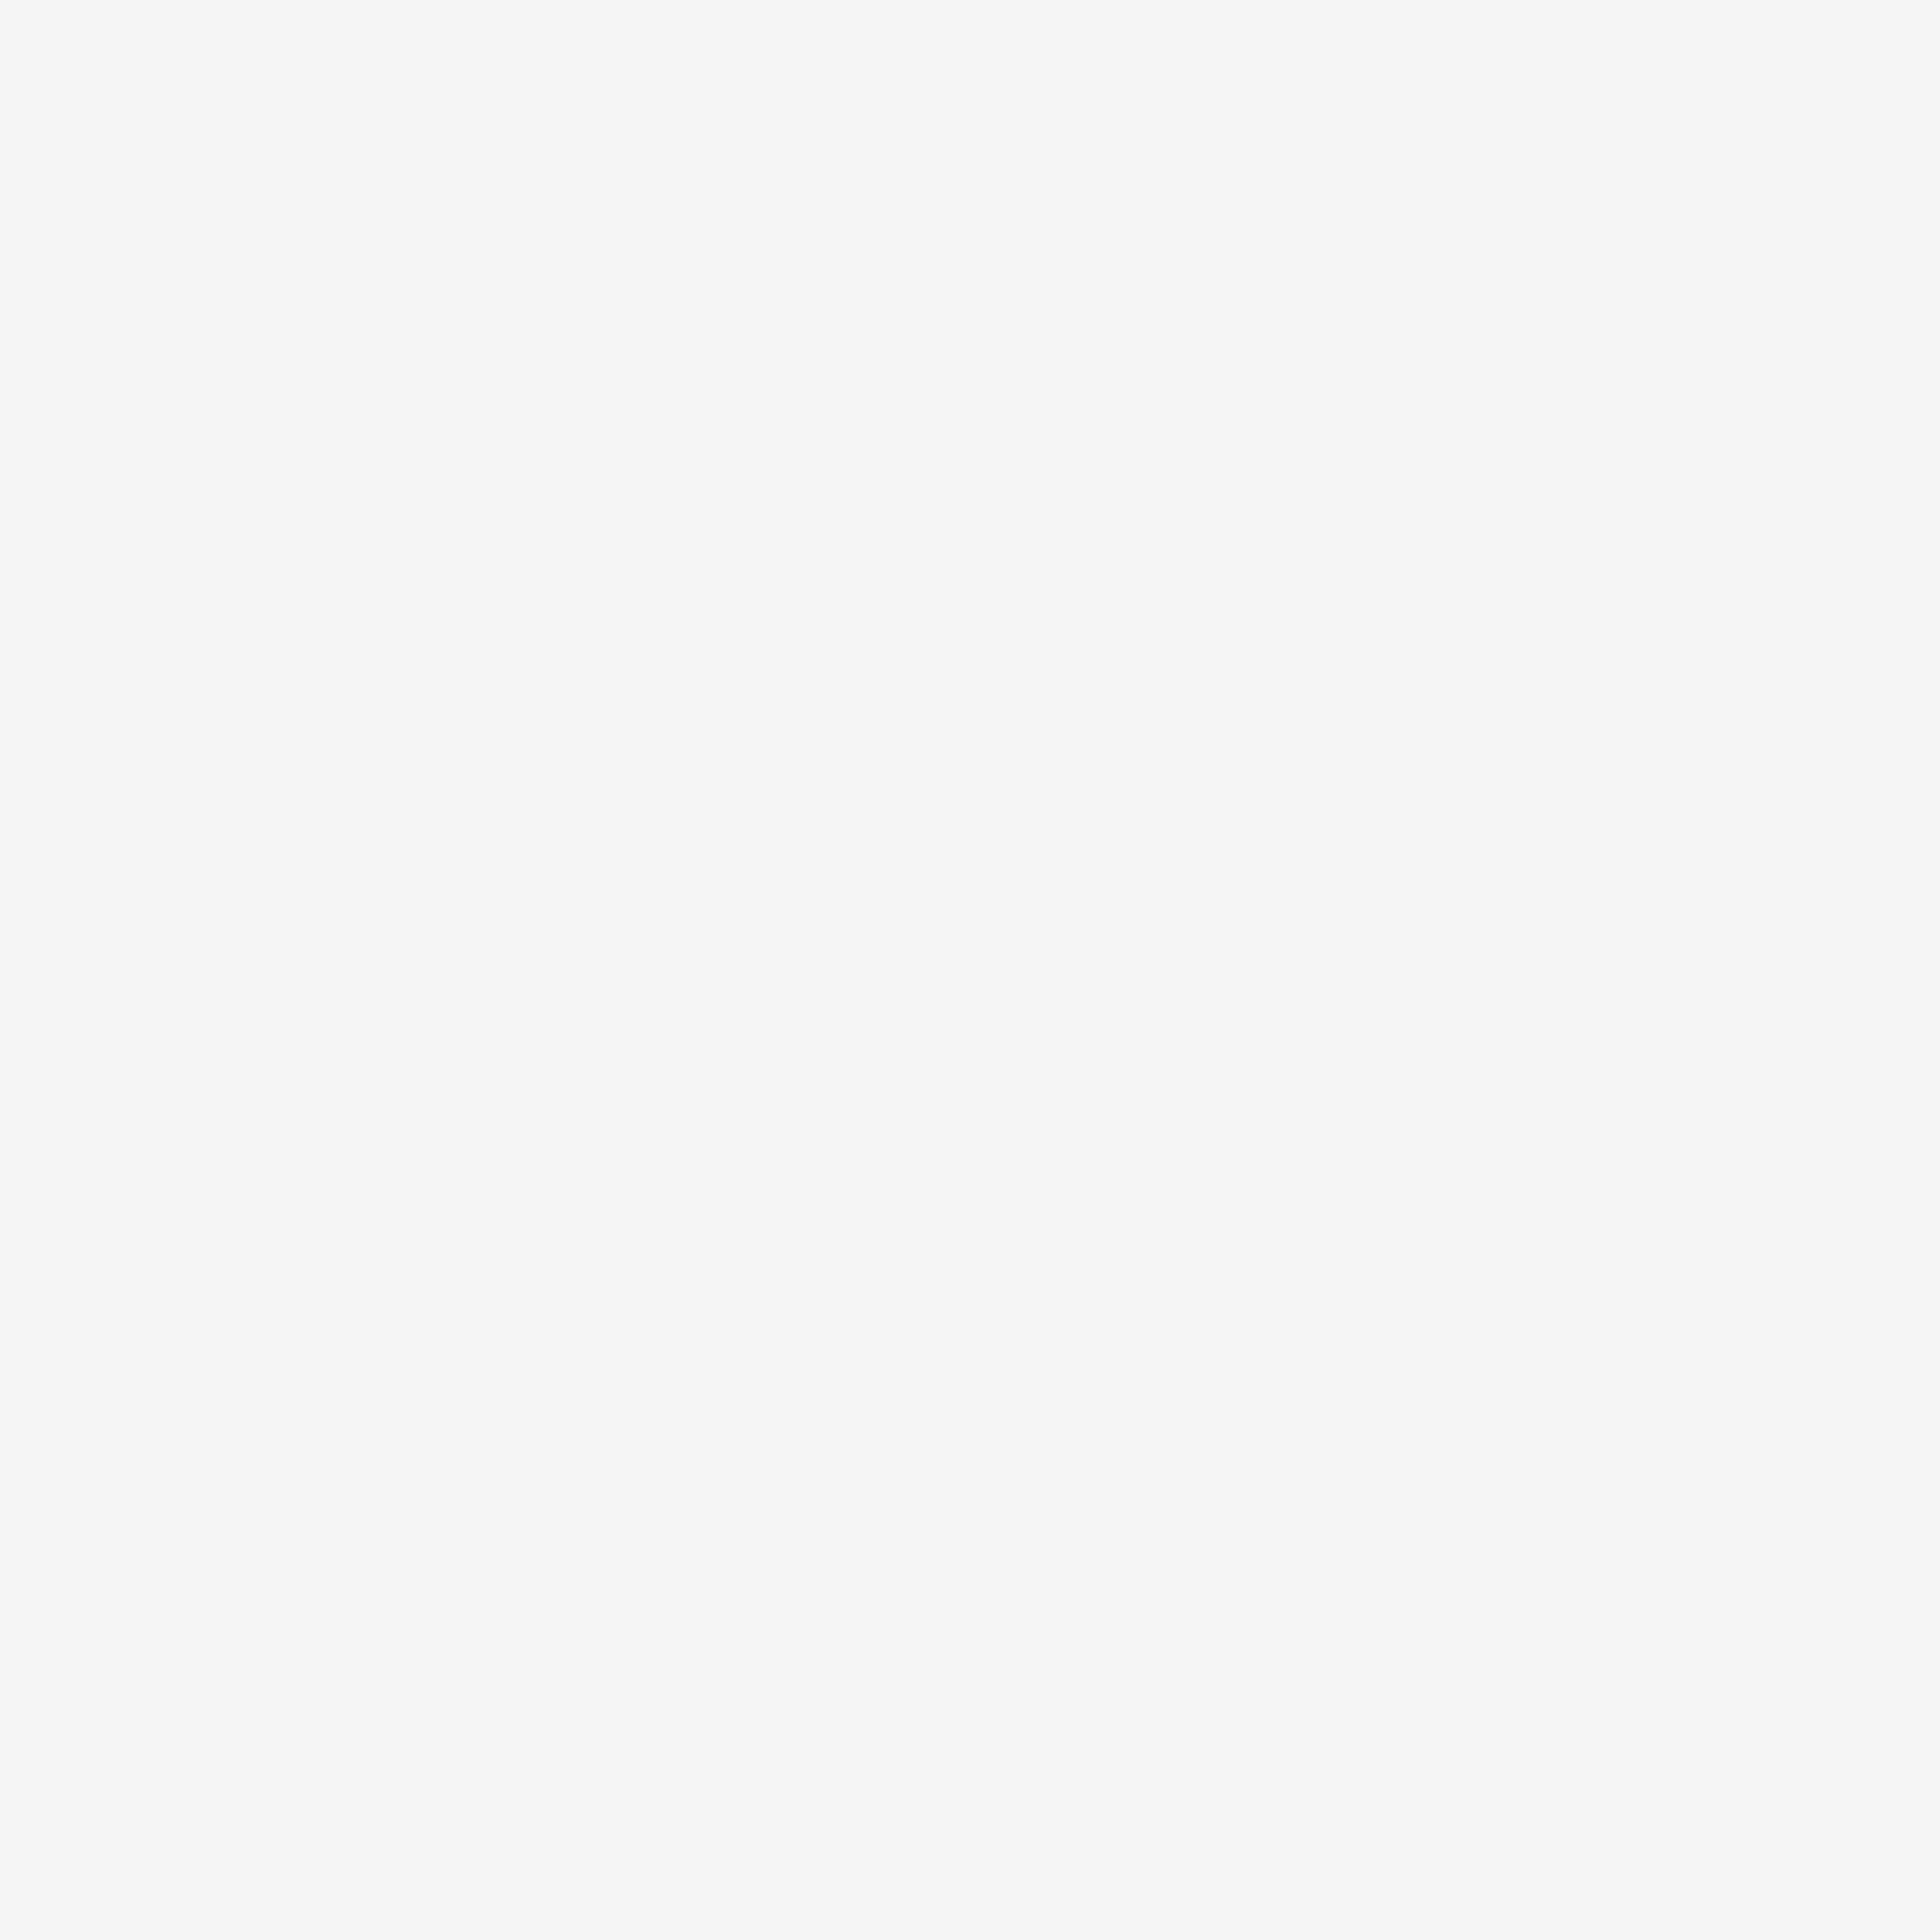 31 beste afbeeldingen van Hockey Hockey sticks, Adidas en